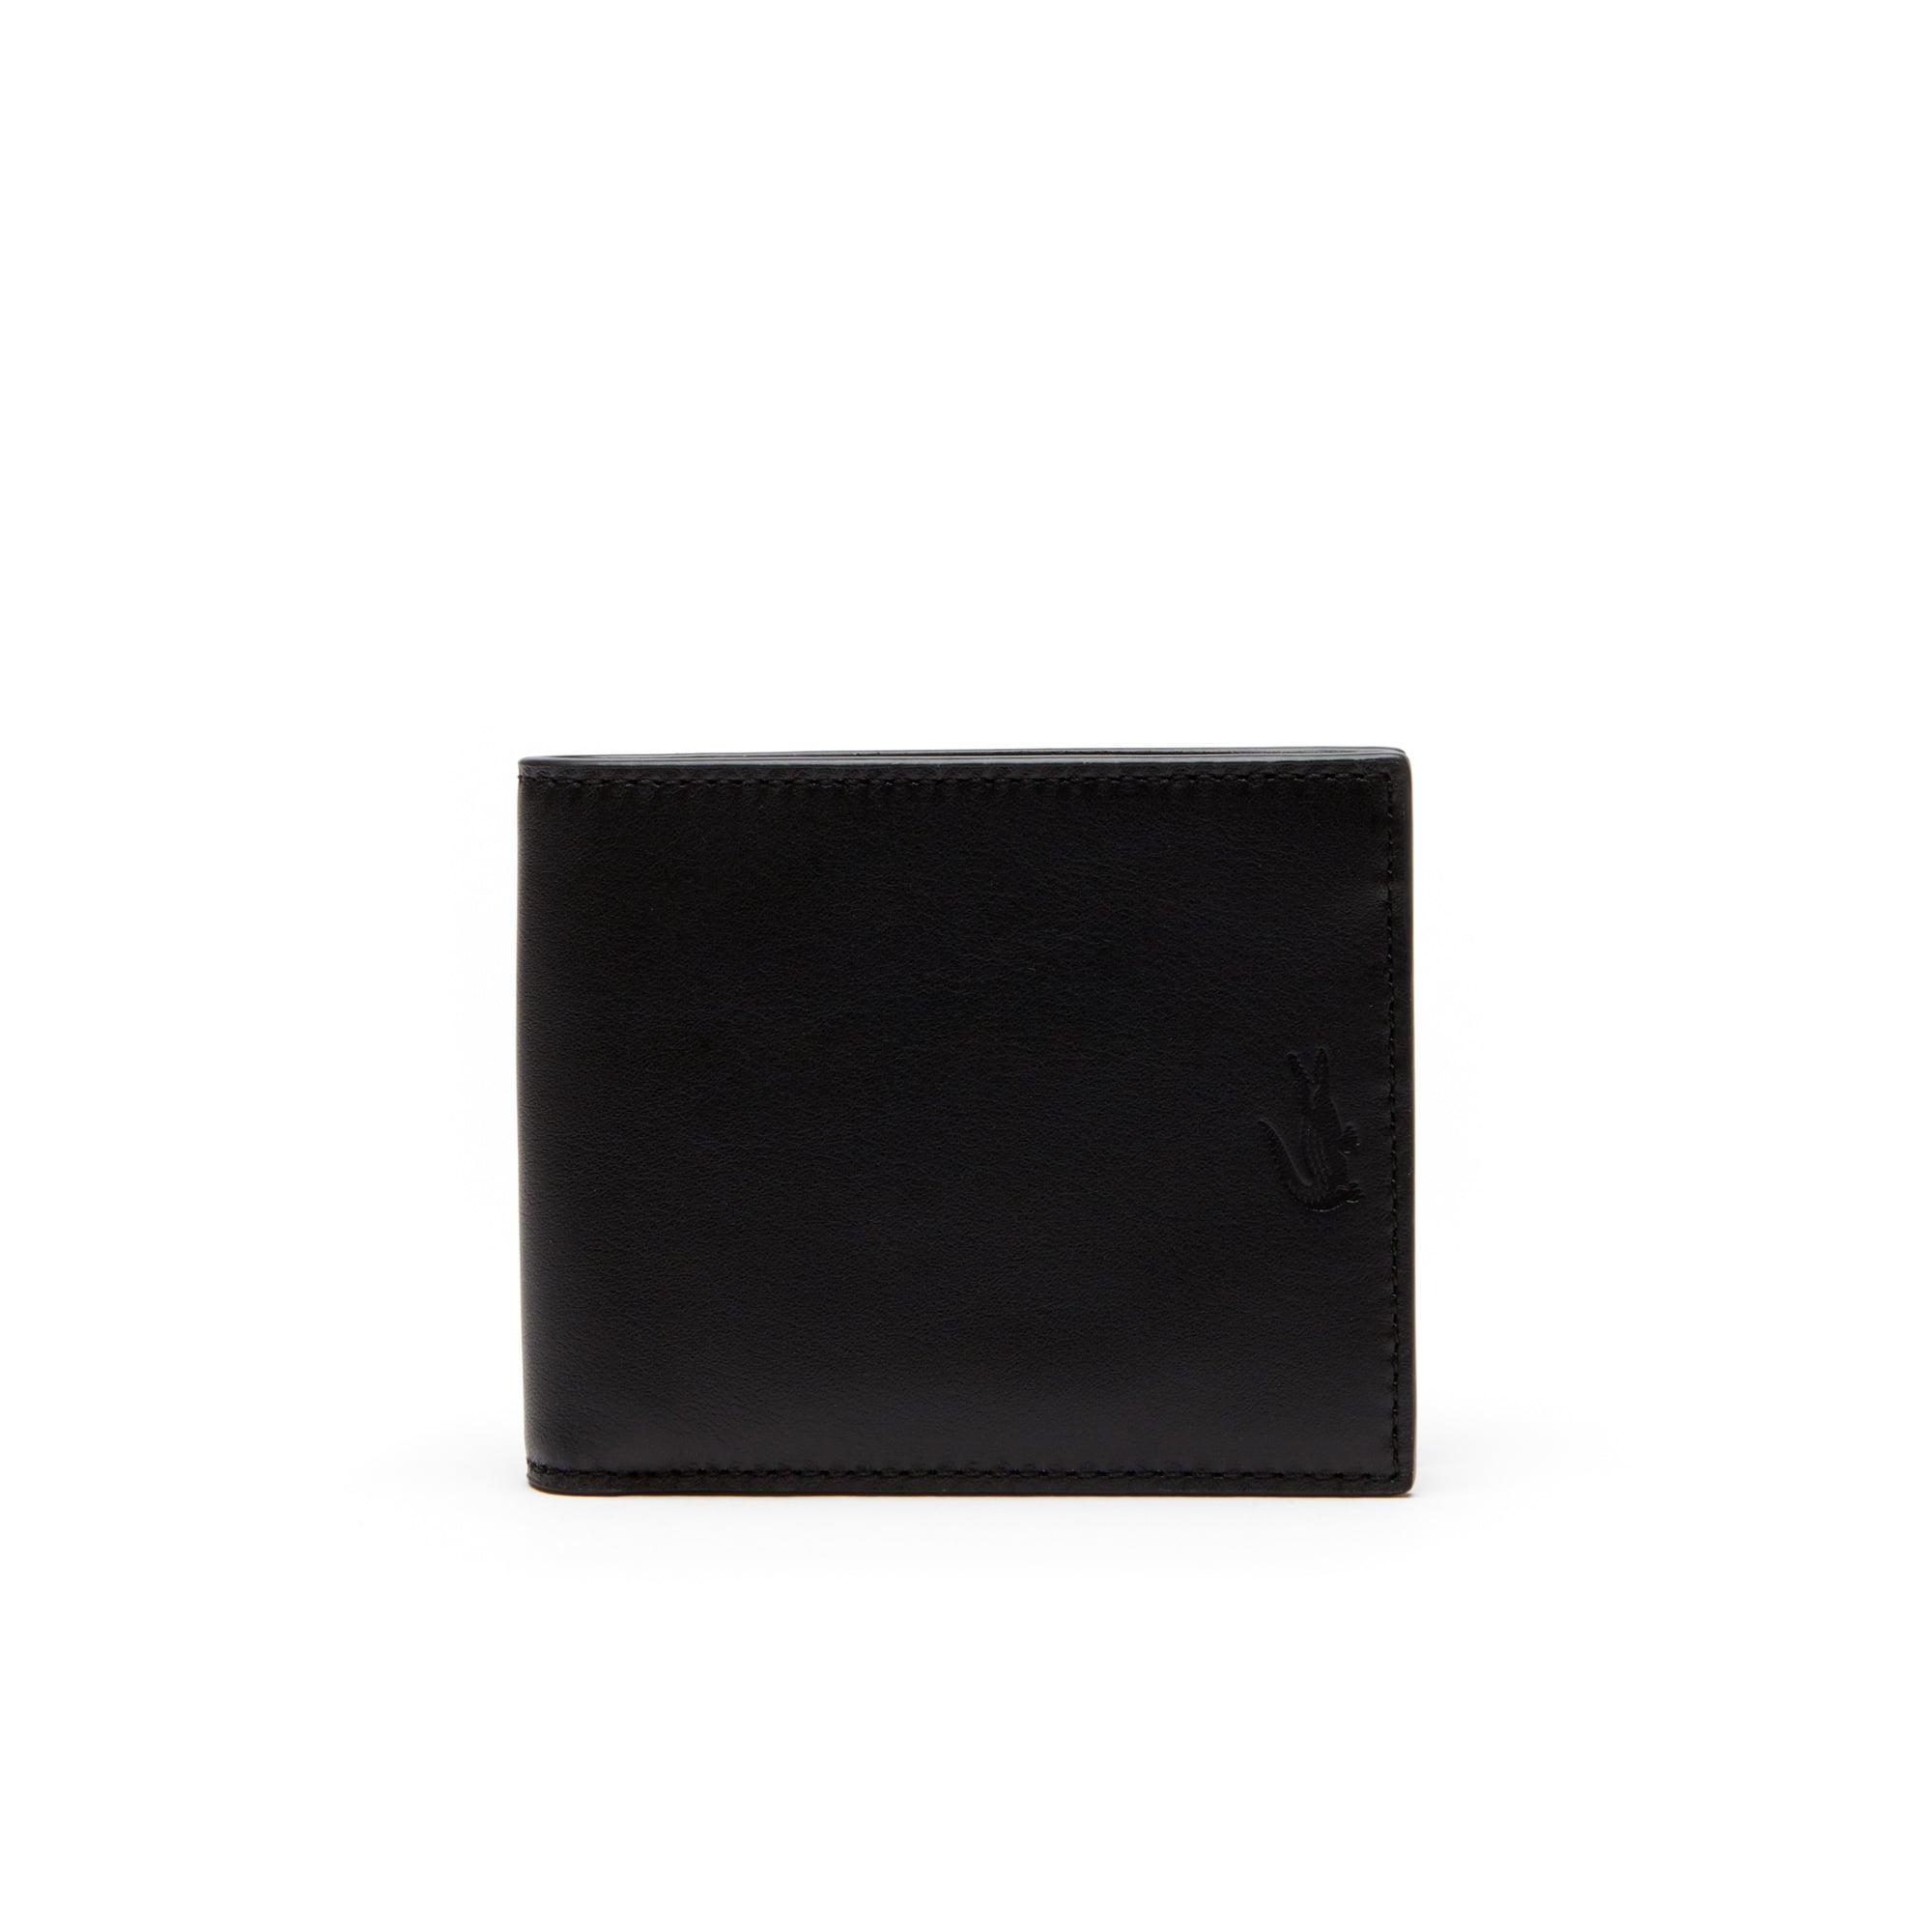 Portefeuille Full Ace en cuir souple uni 6 cartes